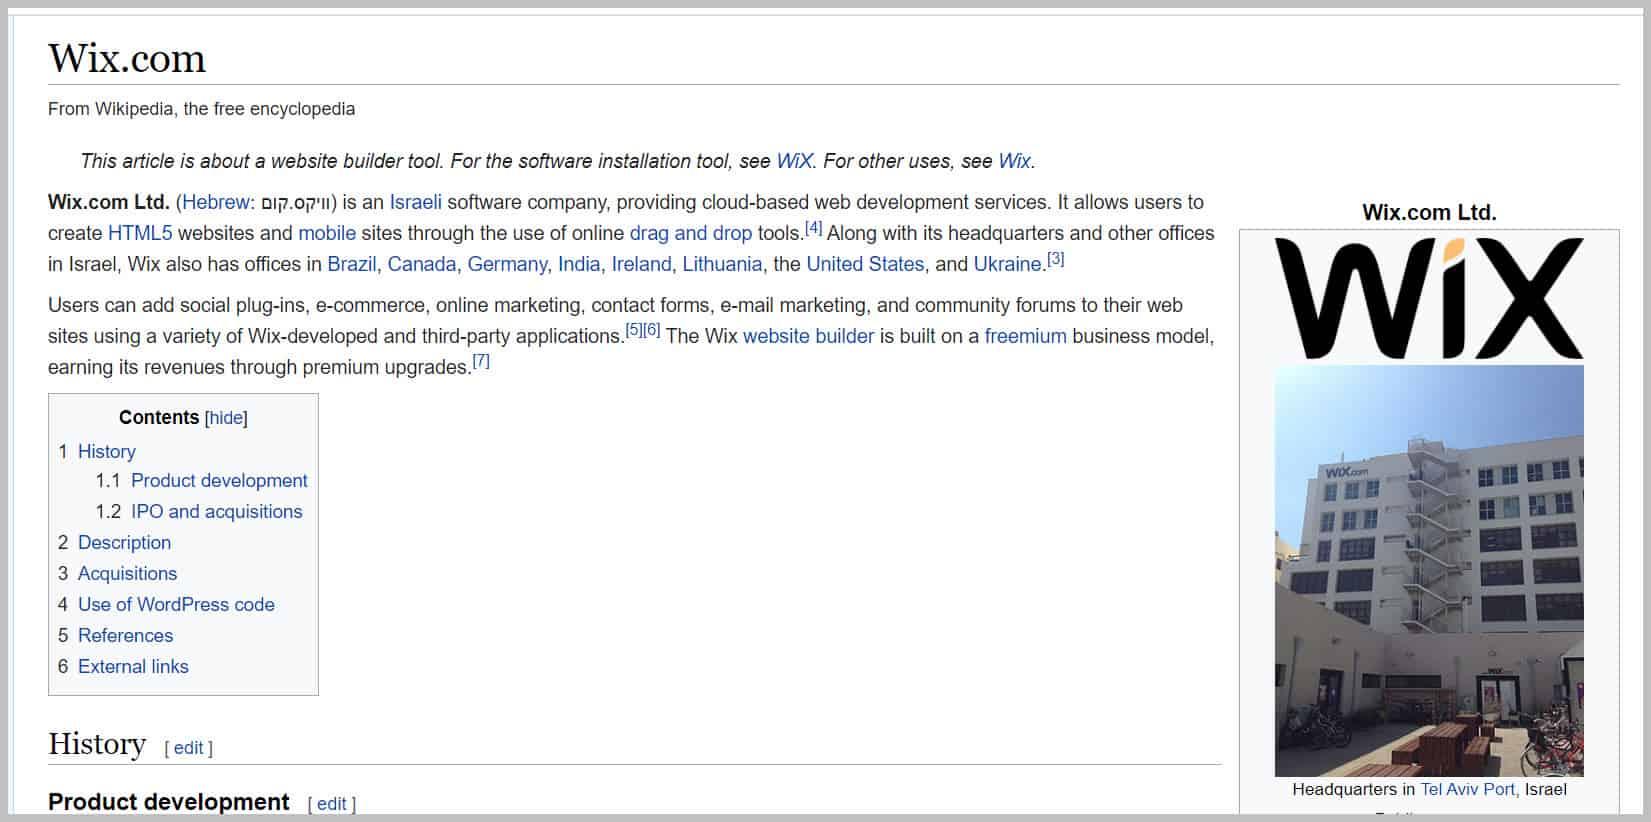 Wix On Wikipedia